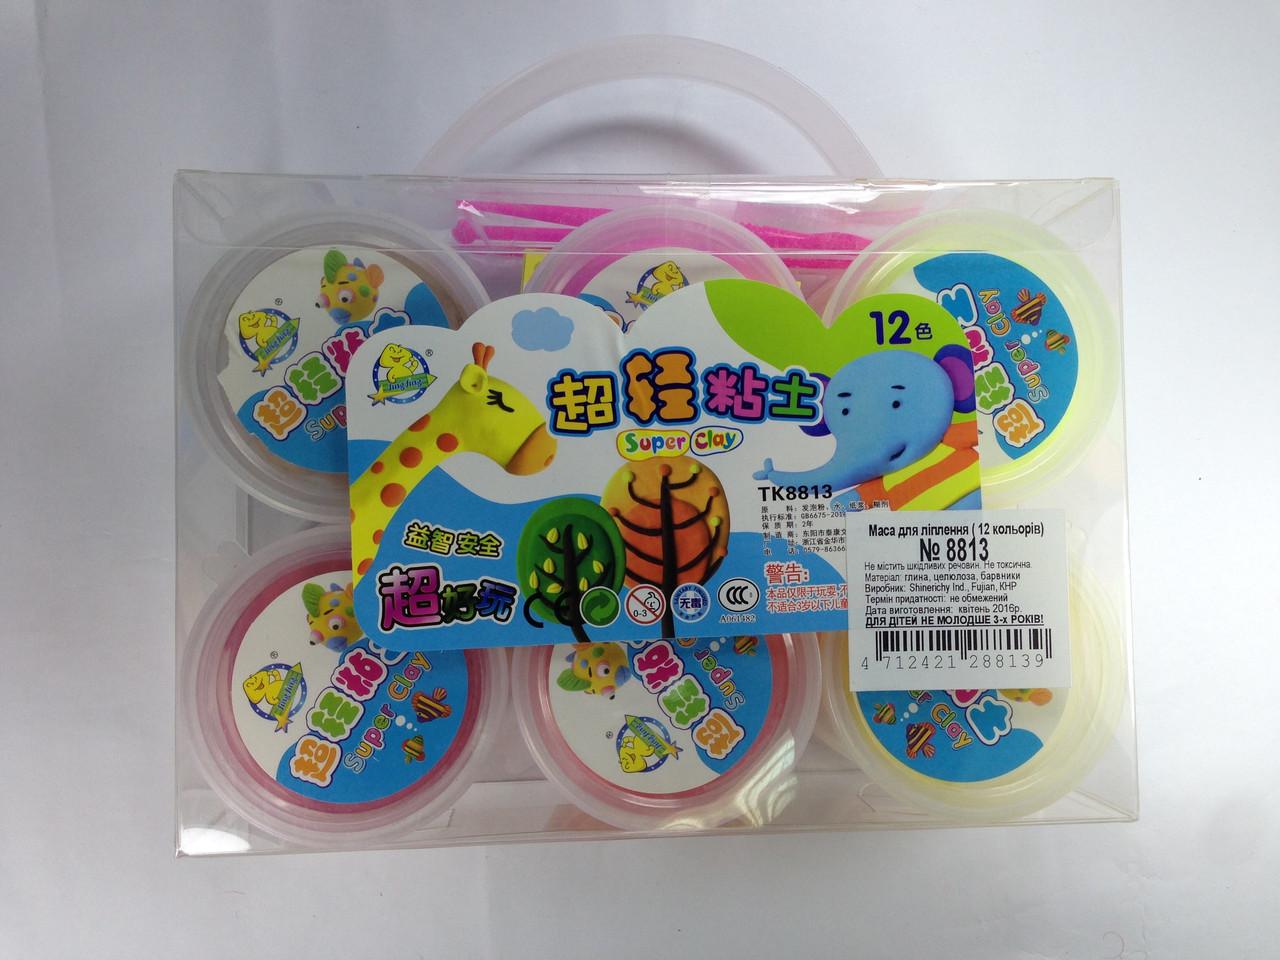 Масса для лепки самозастывающая 12 цветов набор Super Clay творческий набор